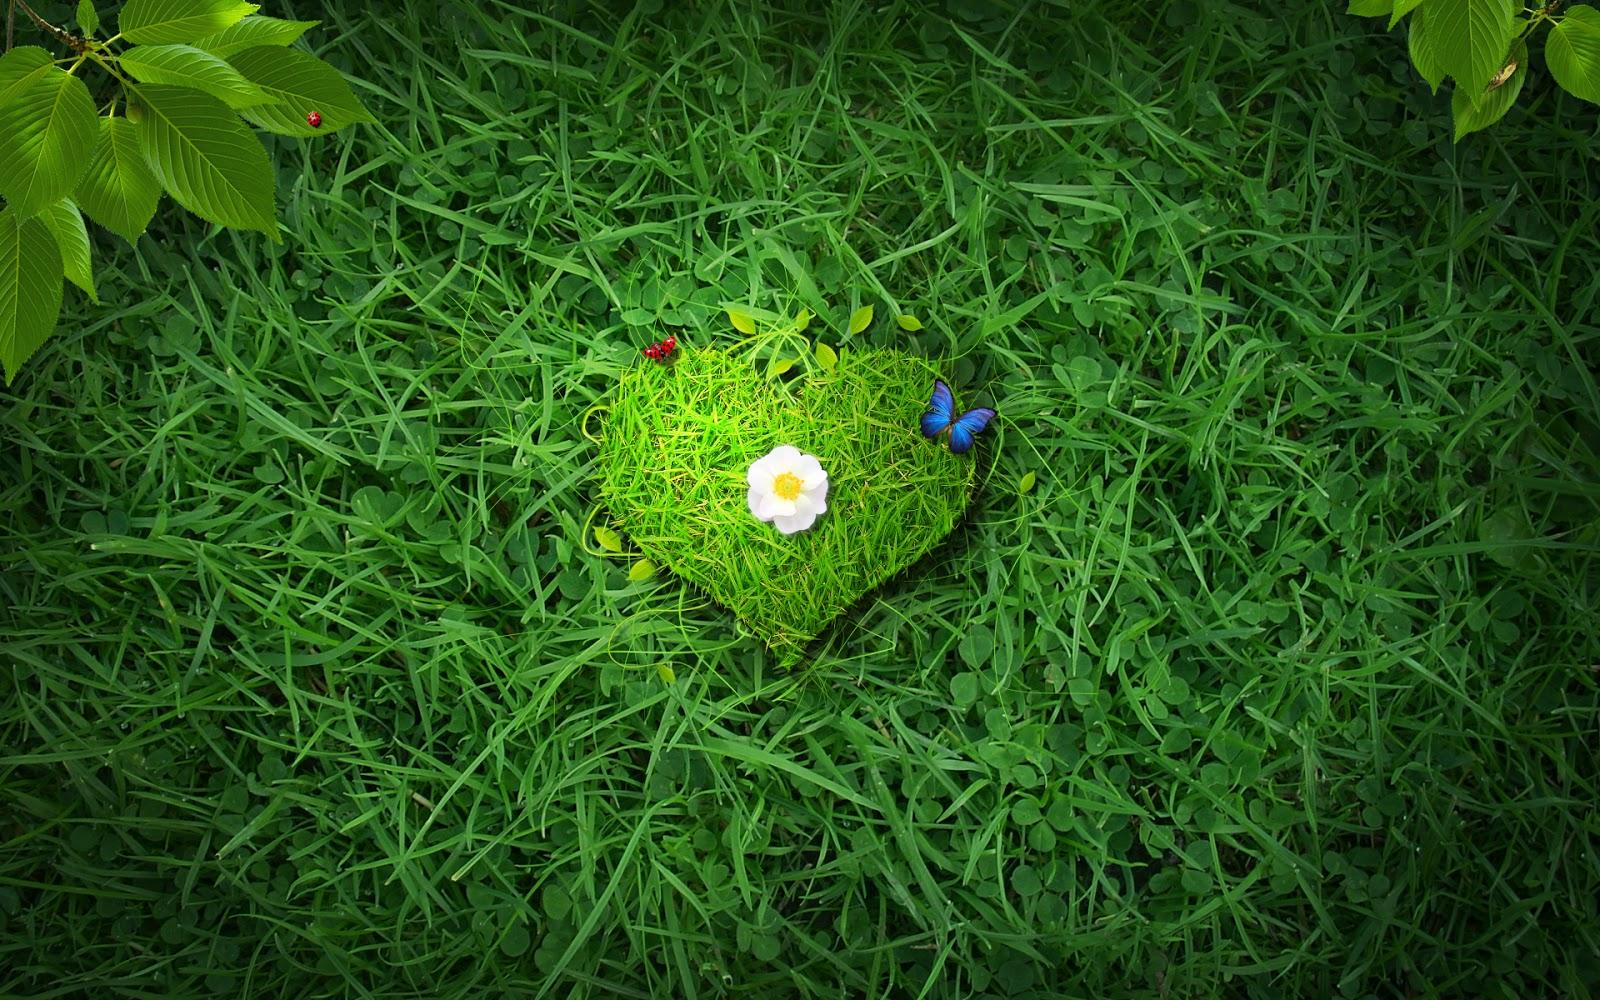 Сердце из зелени  № 1599039 загрузить